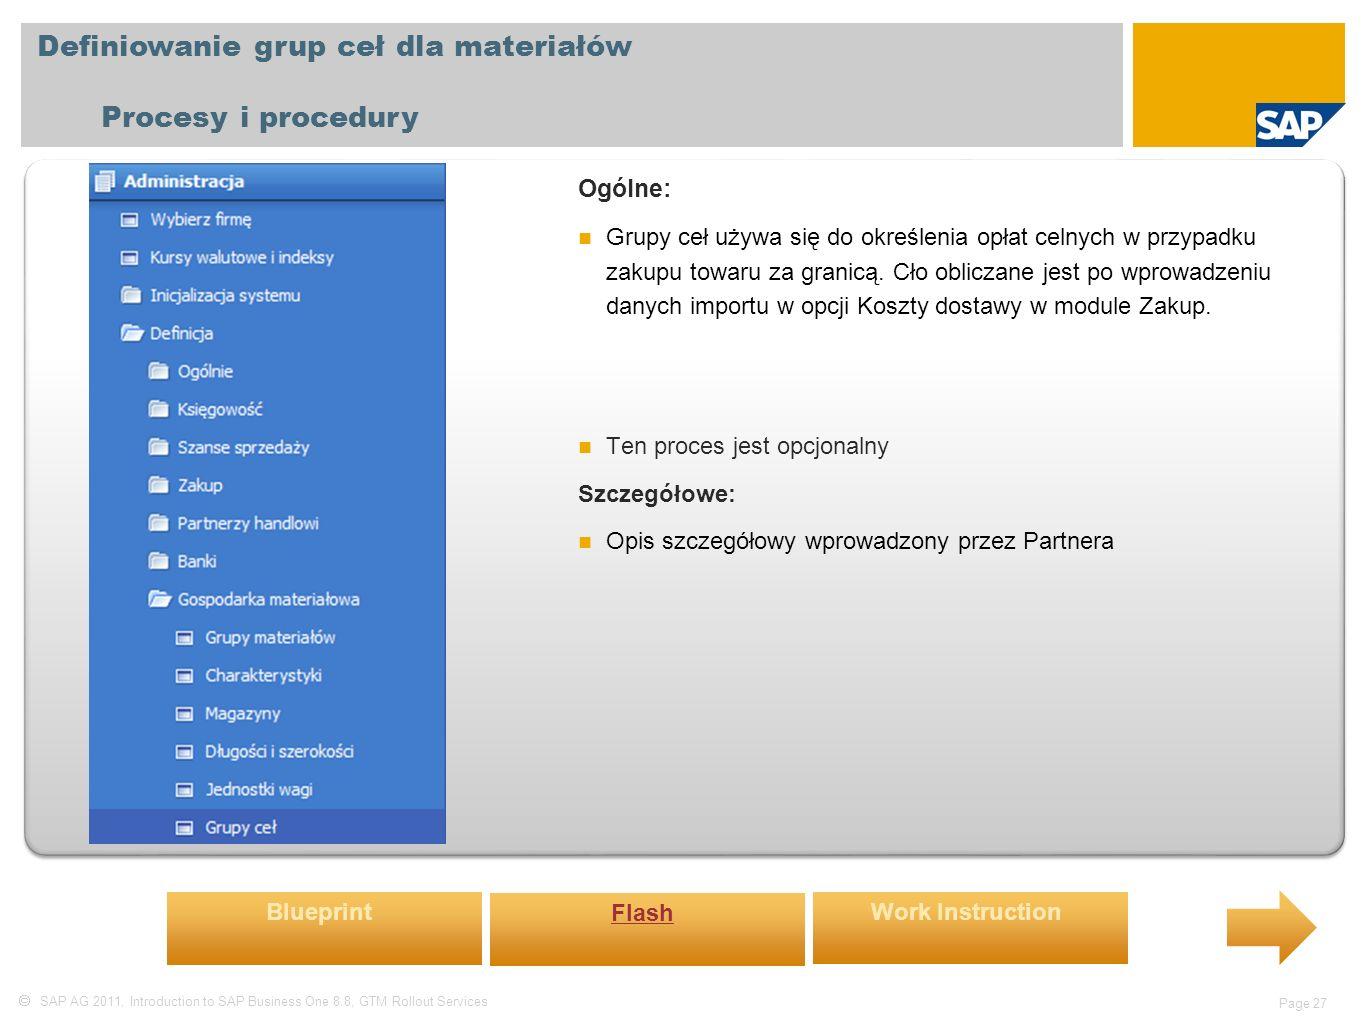  SAP AG 2011, Introduction to SAP Business One 8.8, GTM Rollout Services Page 27 Definiowanie grup ceł dla materiałów Procesy i procedury Ogólne: Grupy ceł używa się do określenia opłat celnych w przypadku zakupu towaru za granicą.